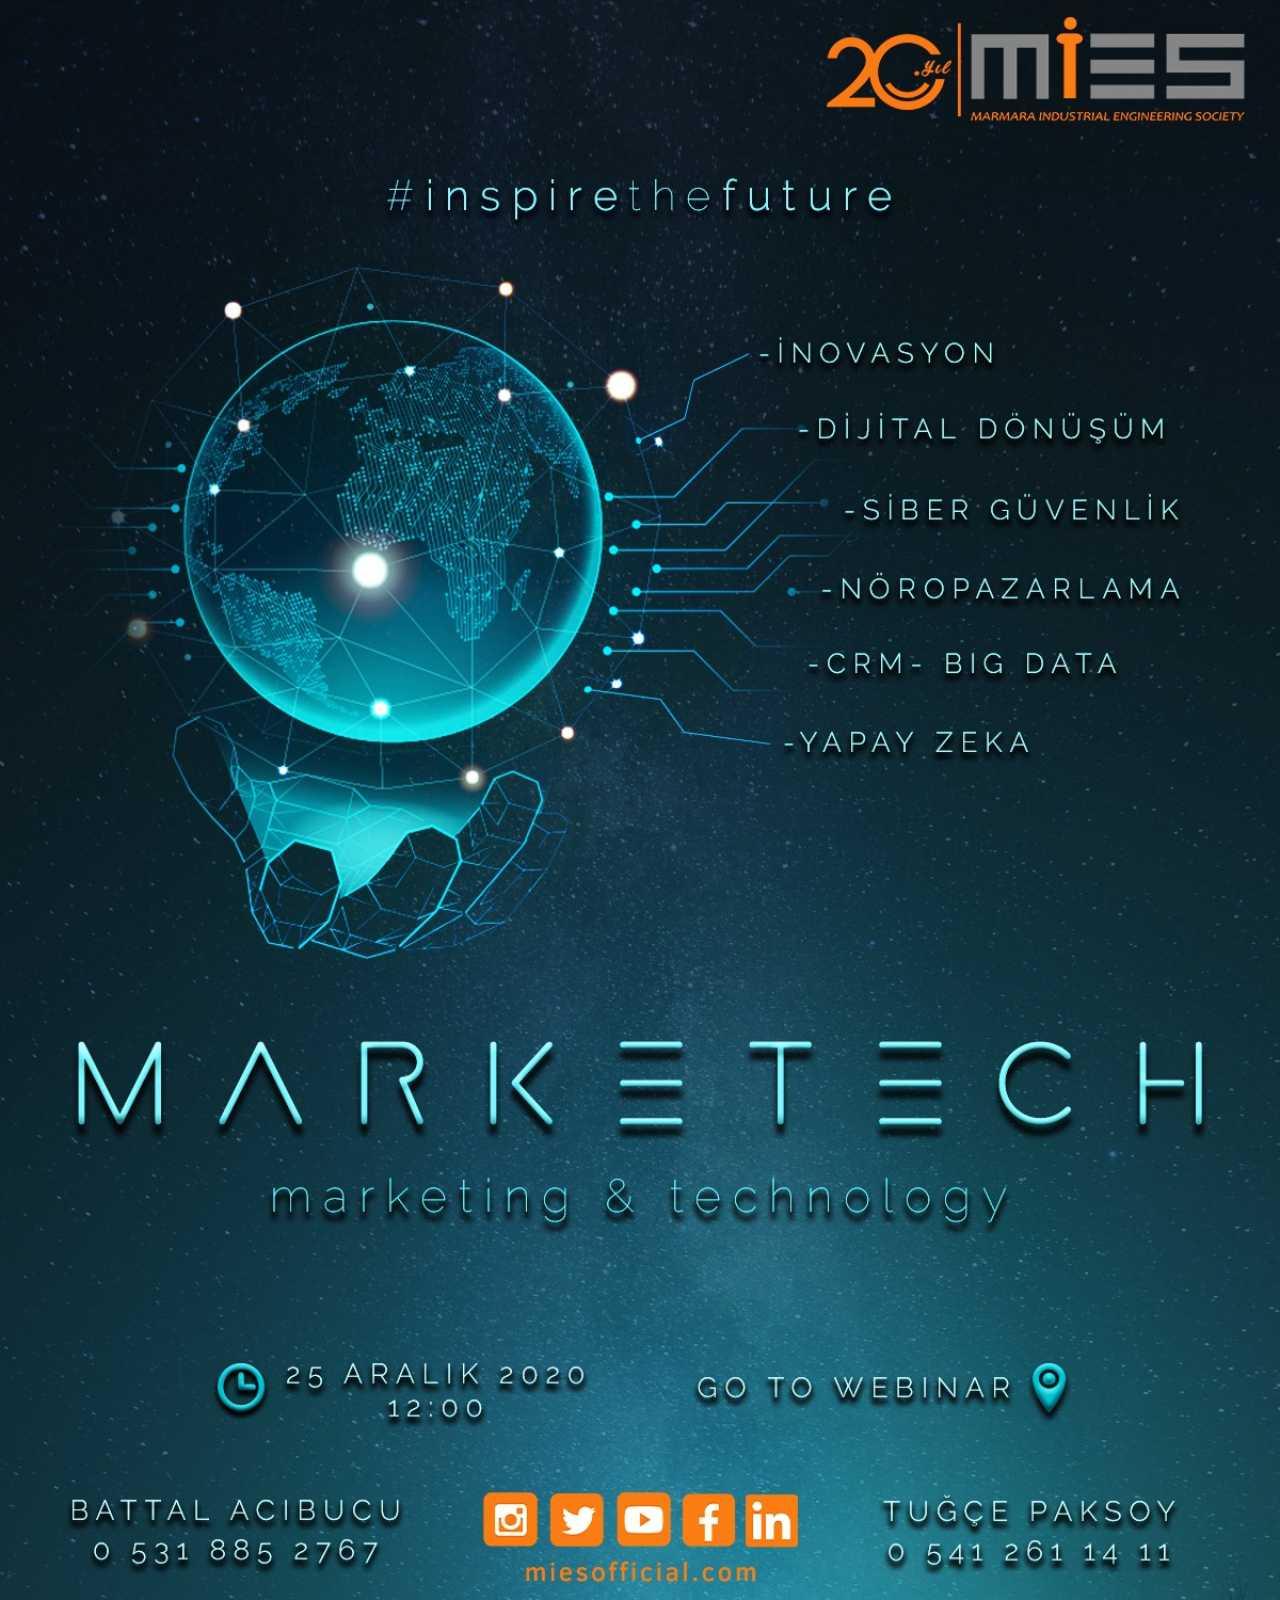 MarkeTech 2020, 25 Aralık'ta Online Gerçekleştirilecek